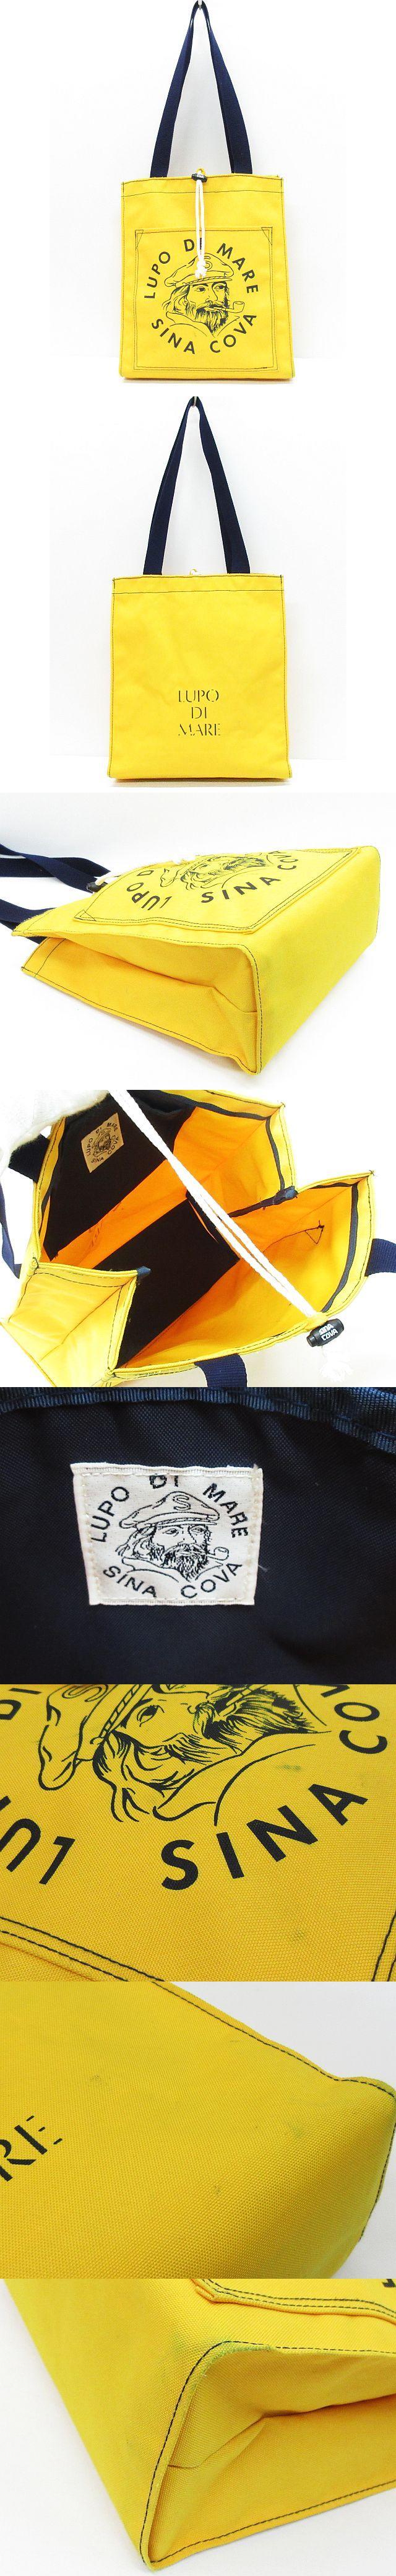 トートバッグ ショルダーバッグ キャンバス ロゴプリント 縦型 肩掛け 鞄 黄 ◇MM-13227 ◇08